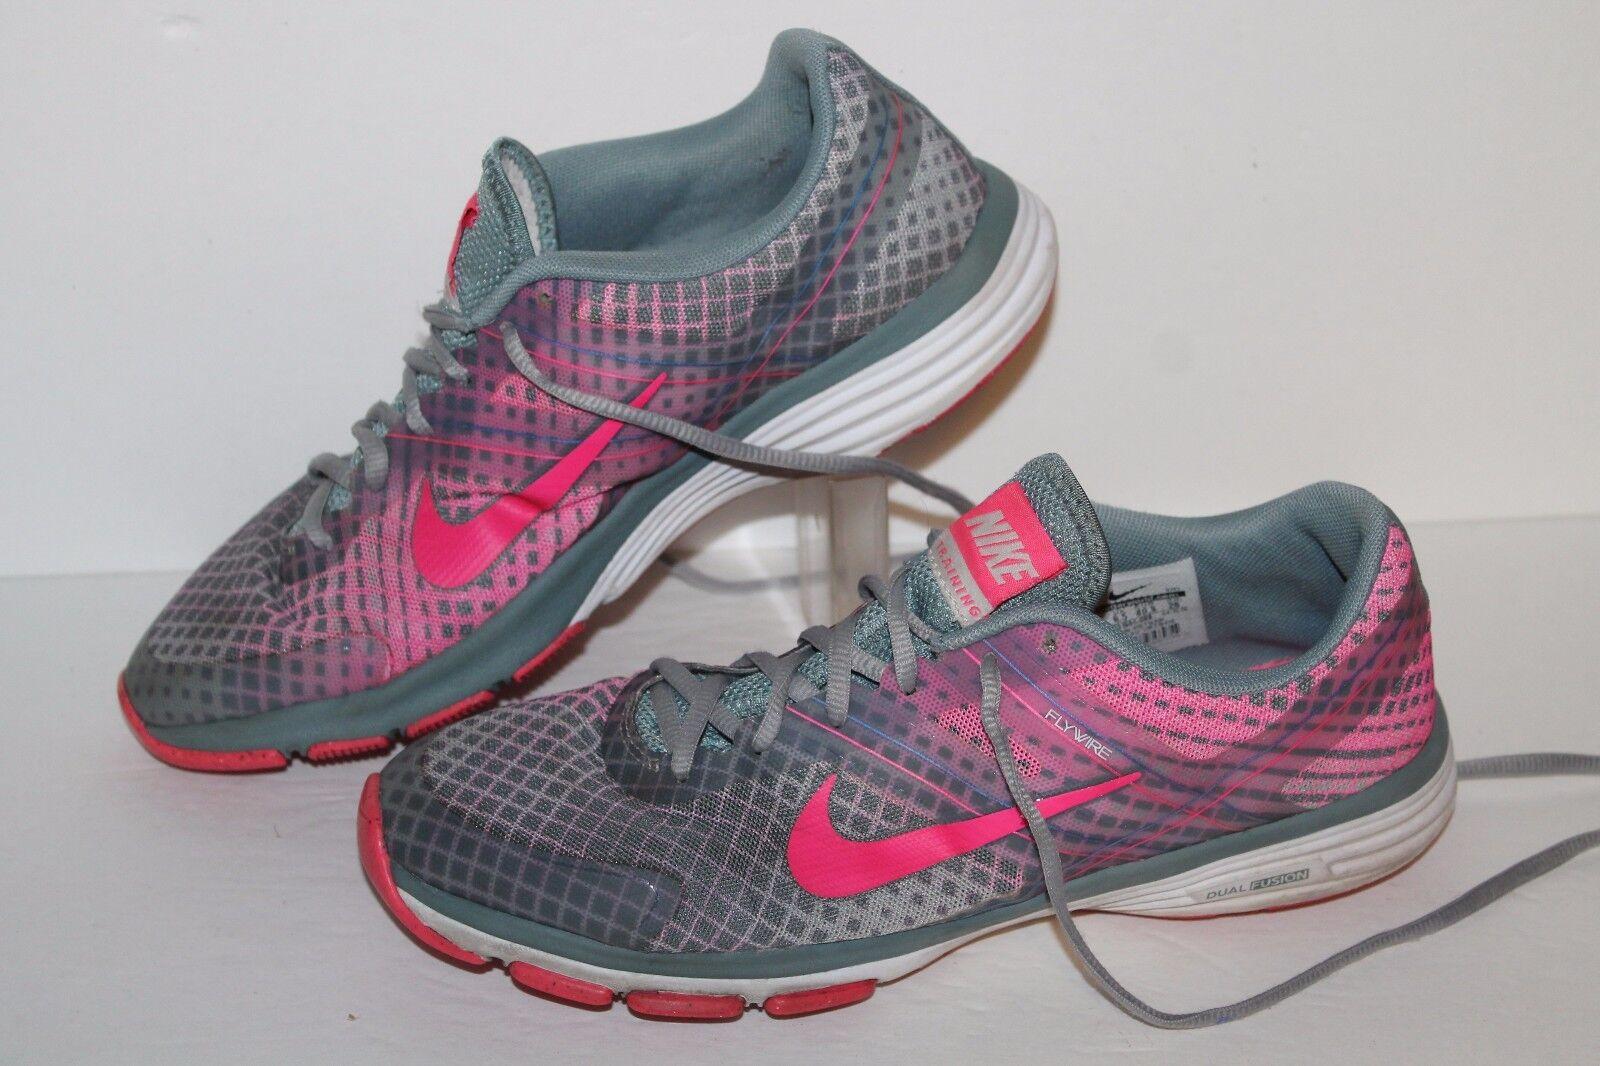 Nike doppia fusione tr2 impronte di scarpe da corsa, grigio   rosa, le donne noi 9 | Ottima qualità  | Uomini/Donne Scarpa